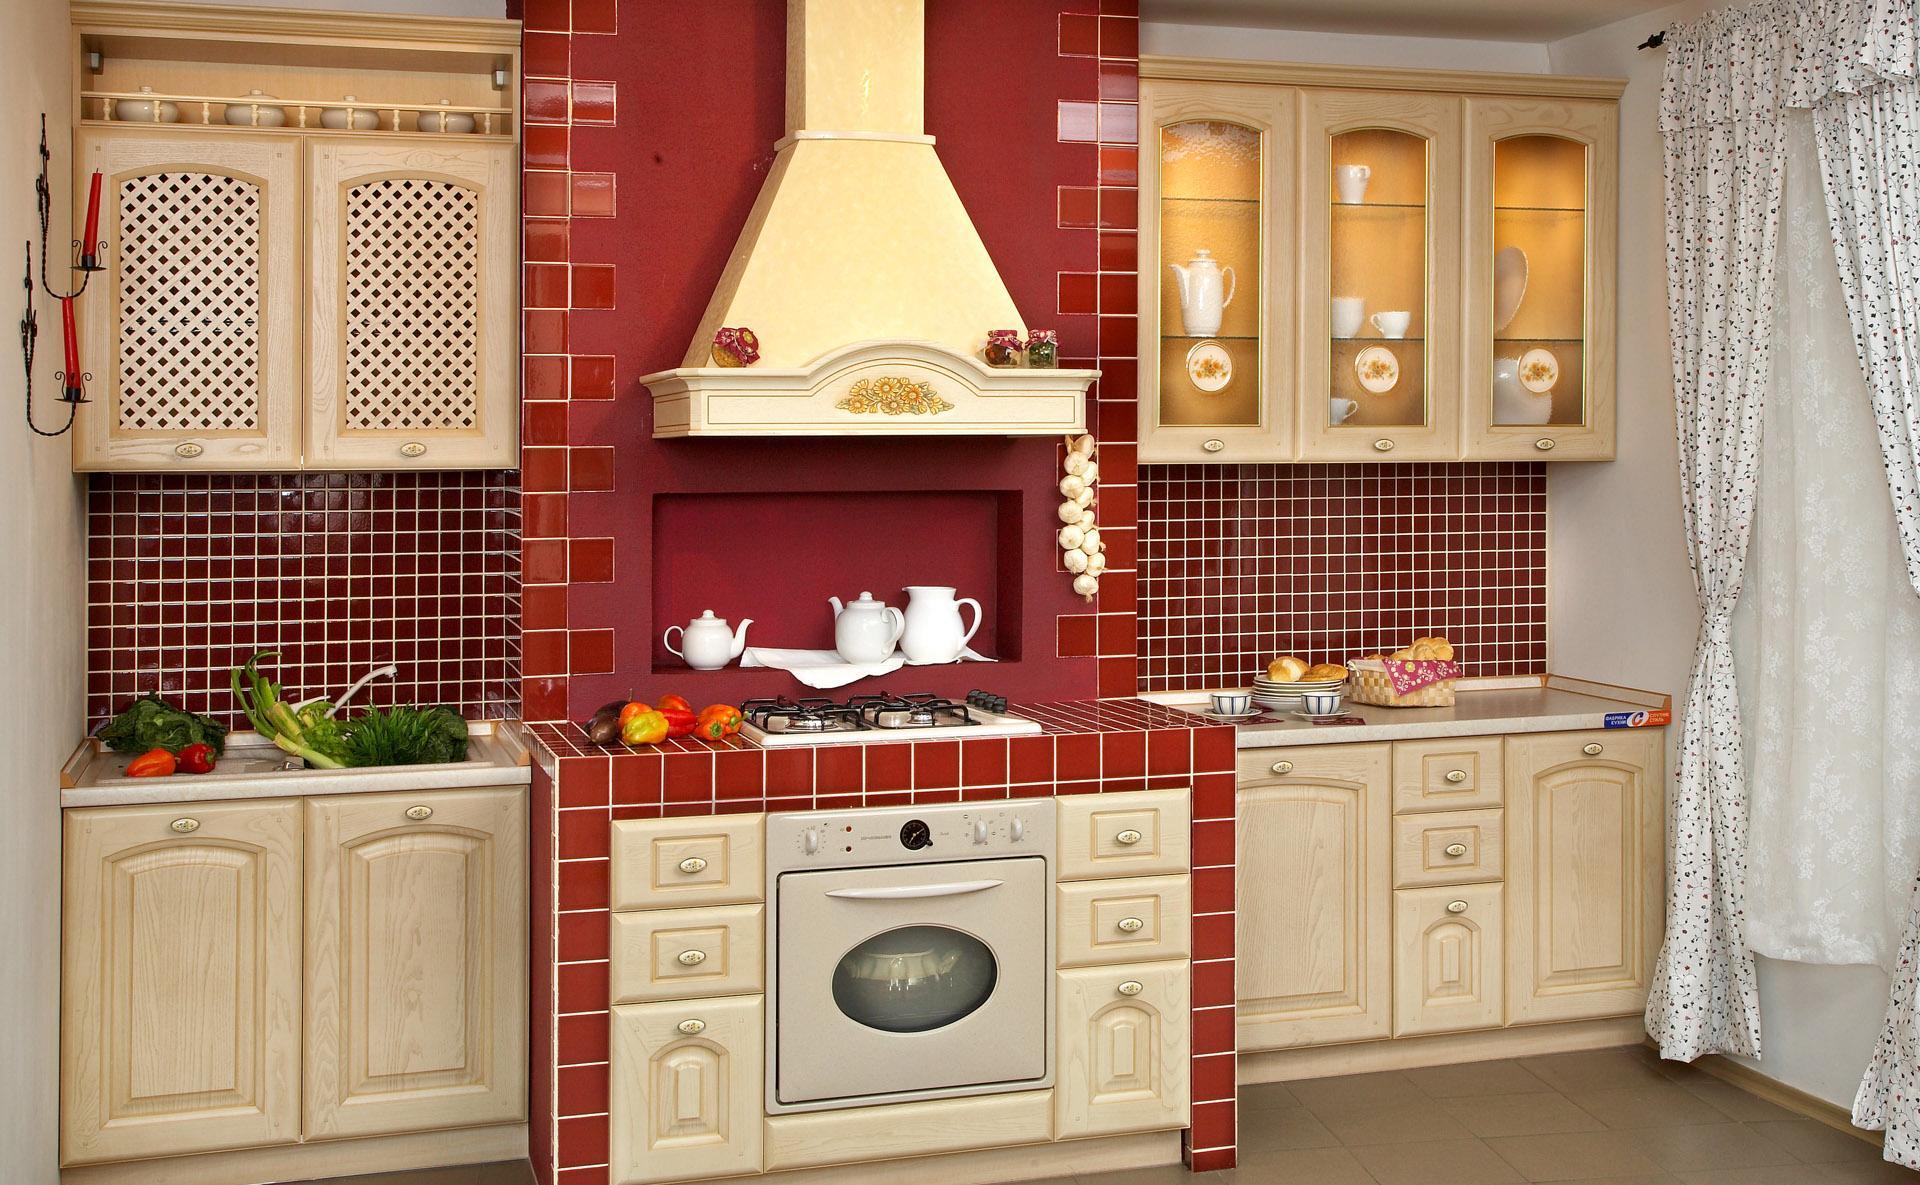 Кухня в стиле кантри в бежево-красных тонах